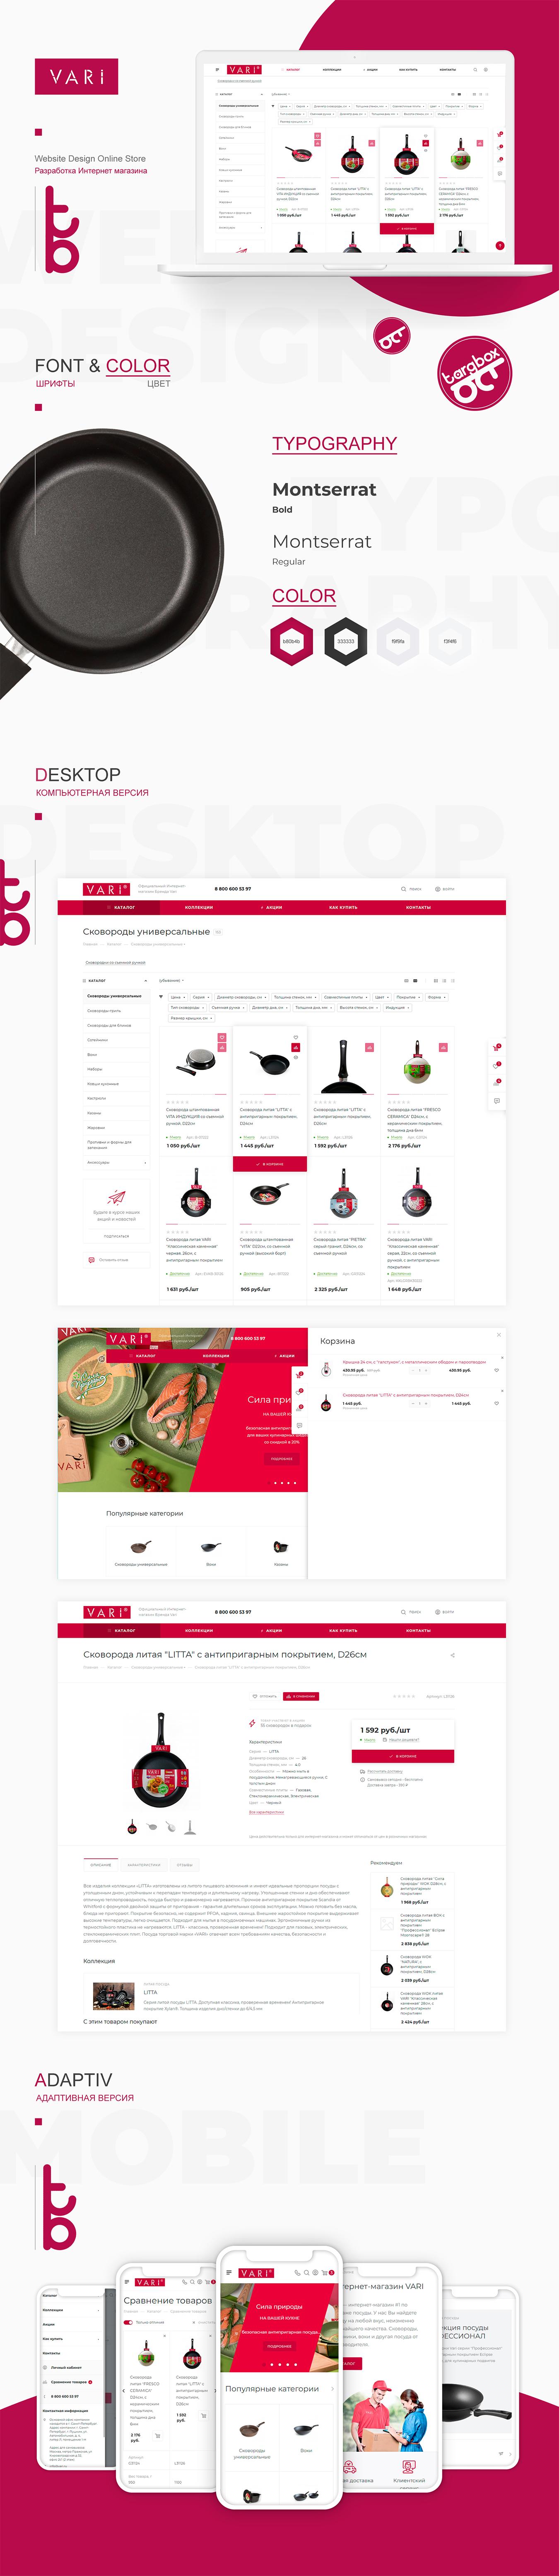 Создание Интернет магазина Vari